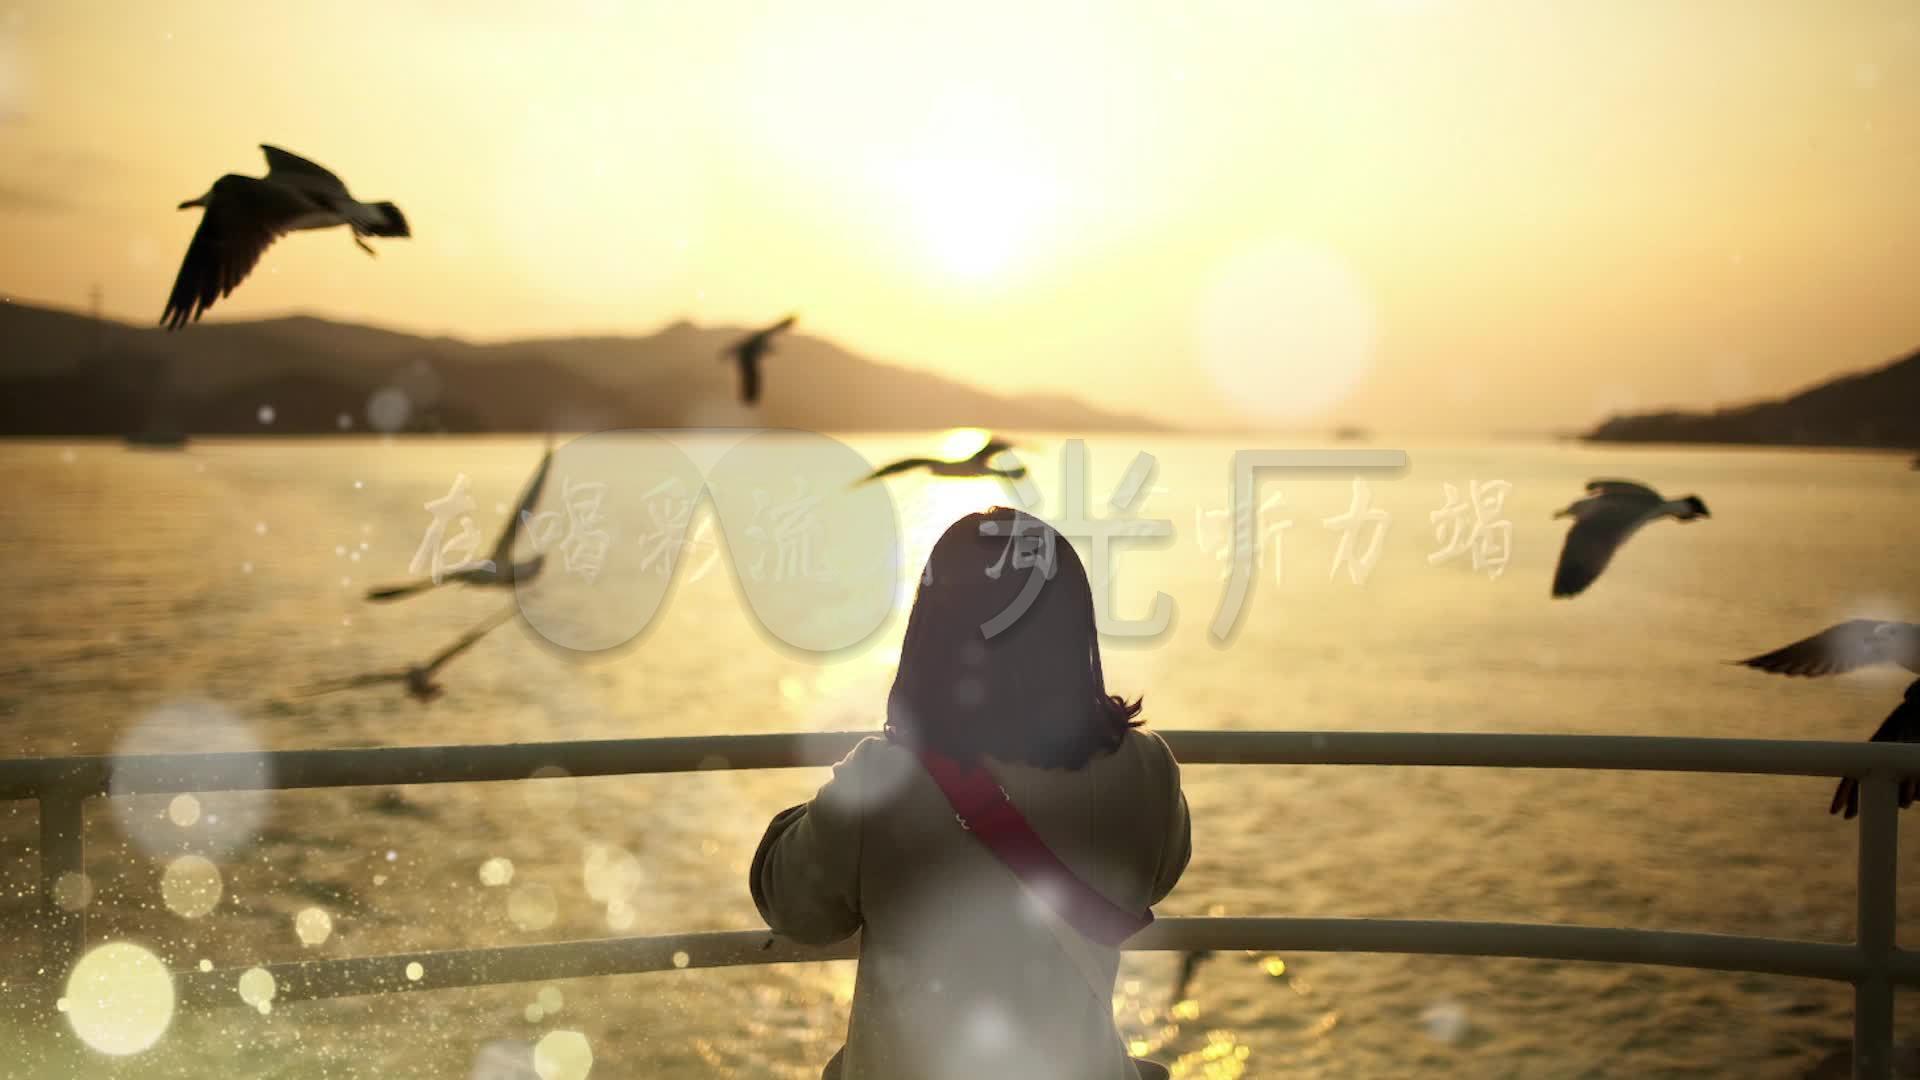 歌曲视频于文文《a歌曲》完字幕带整版_1920X视频桑拿沐浴图片